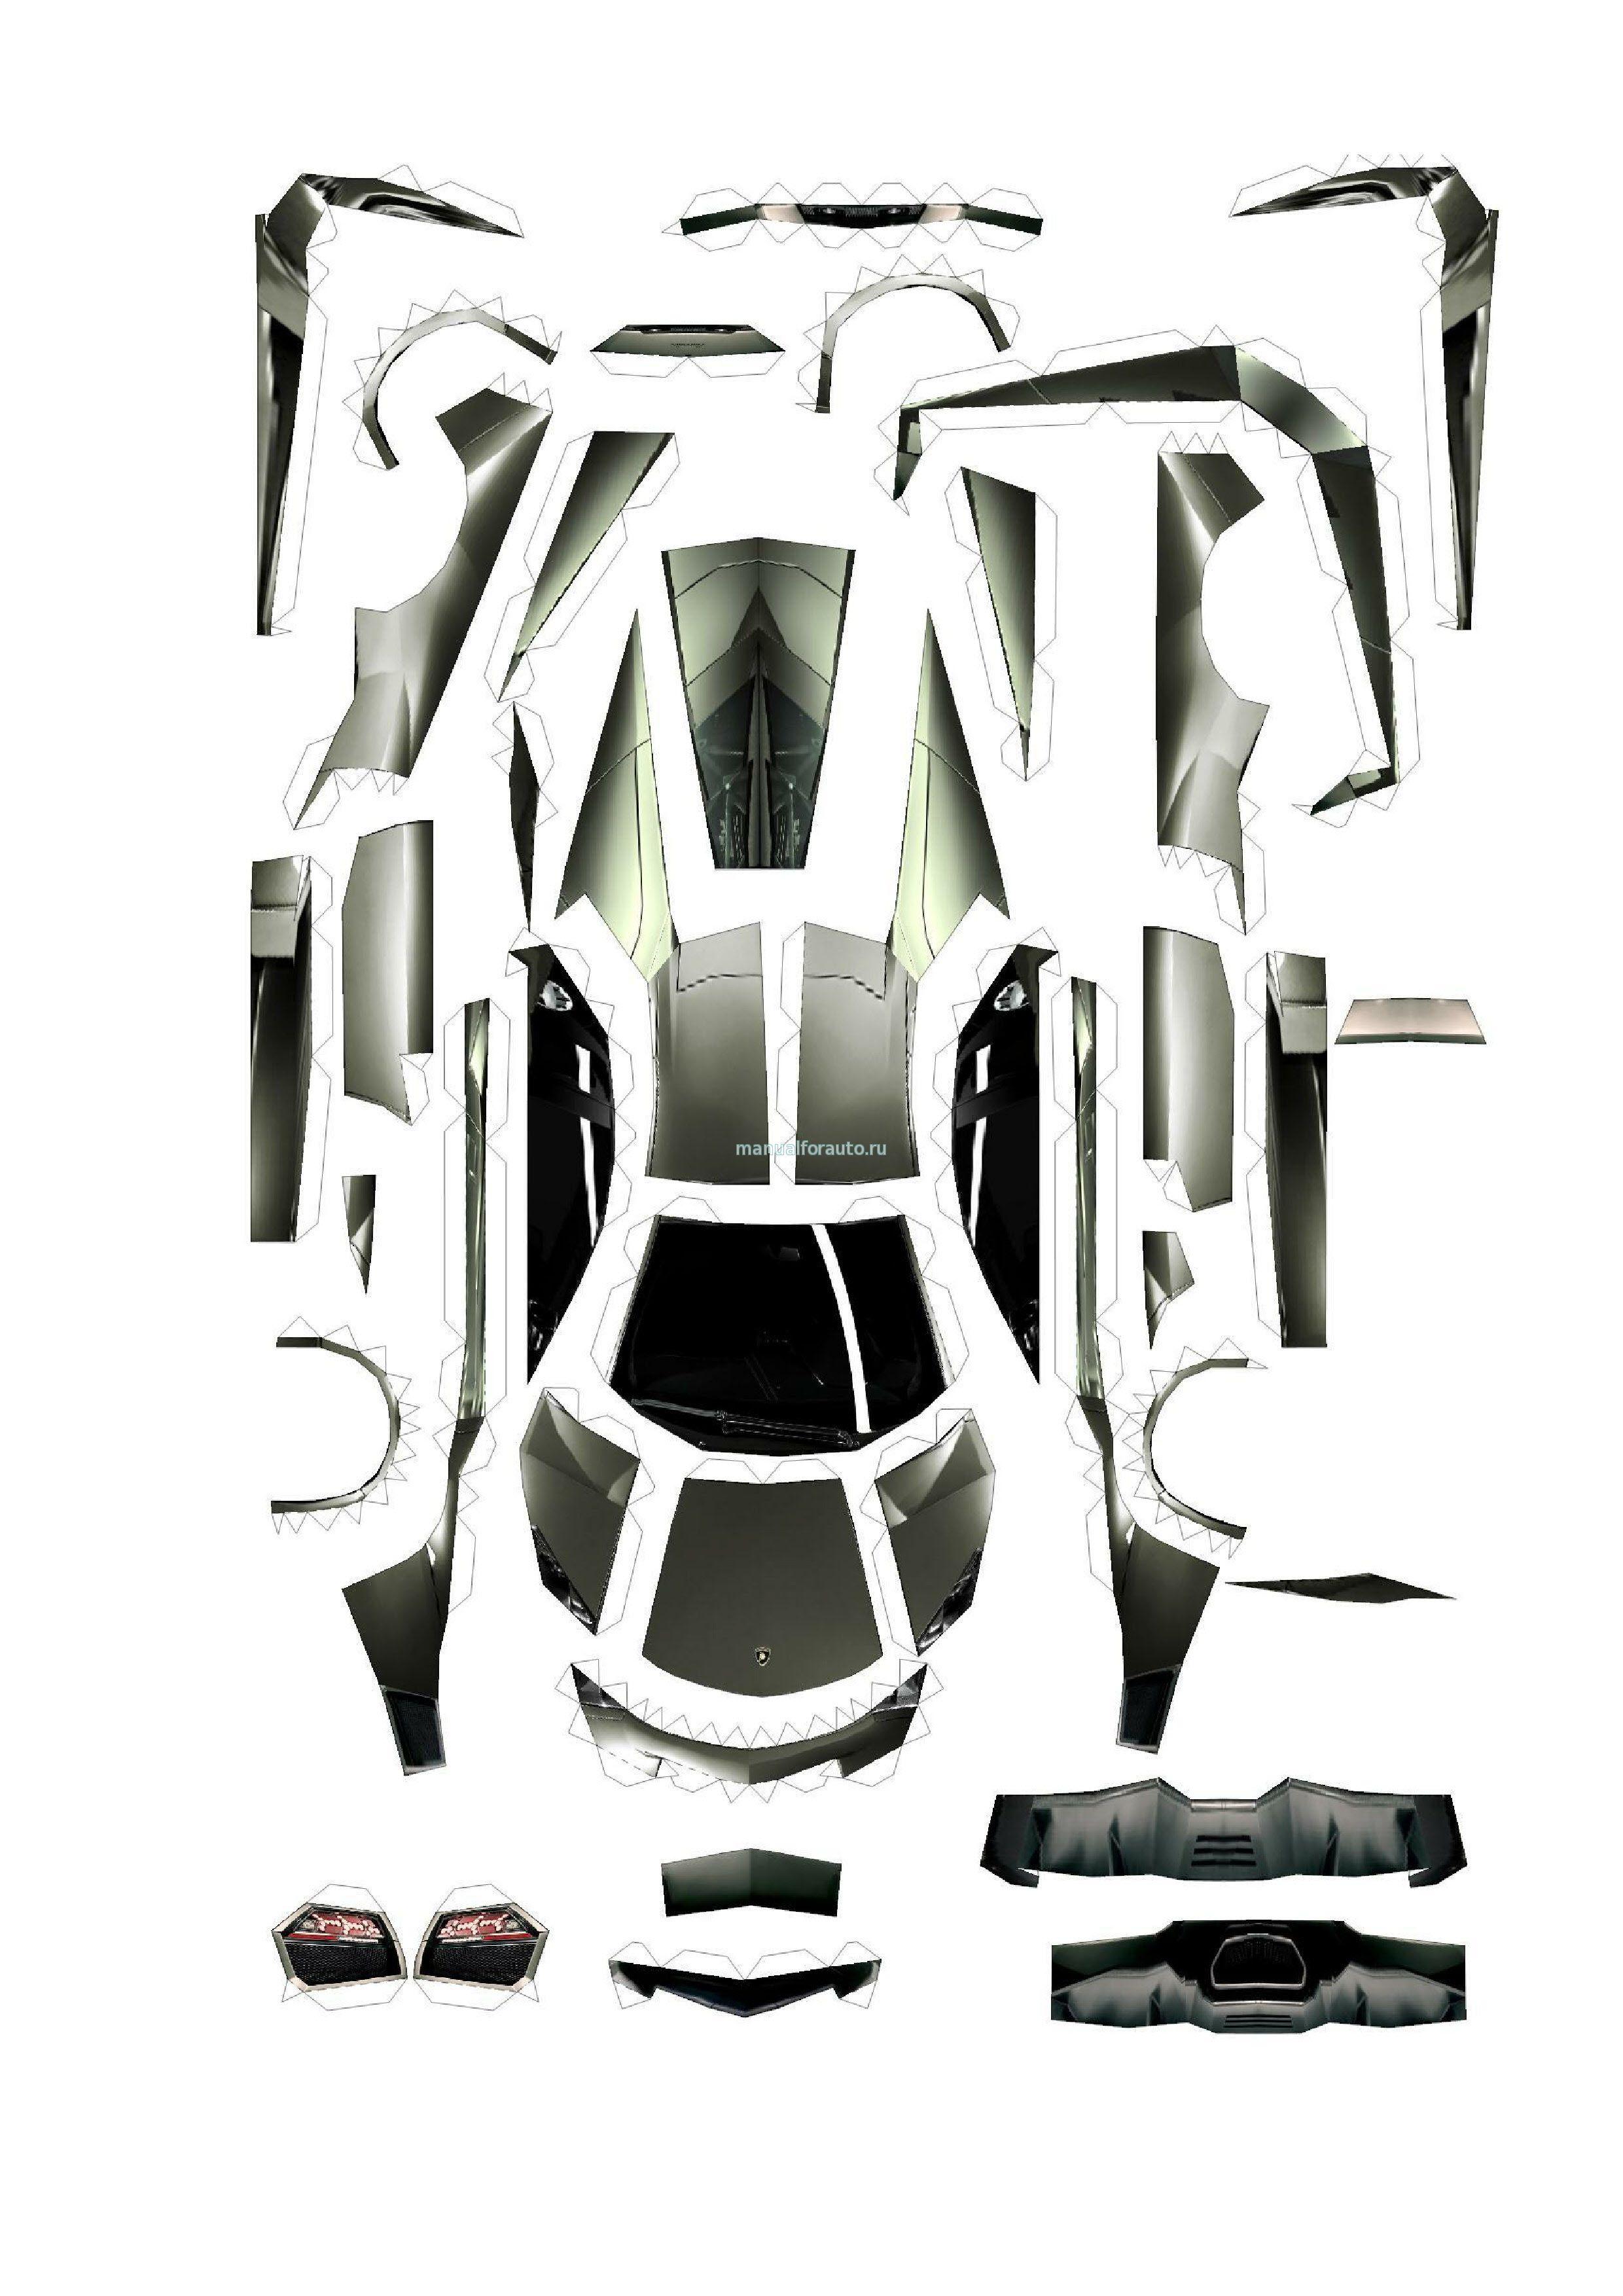 Lamborghini Reventon Модель из бумаги